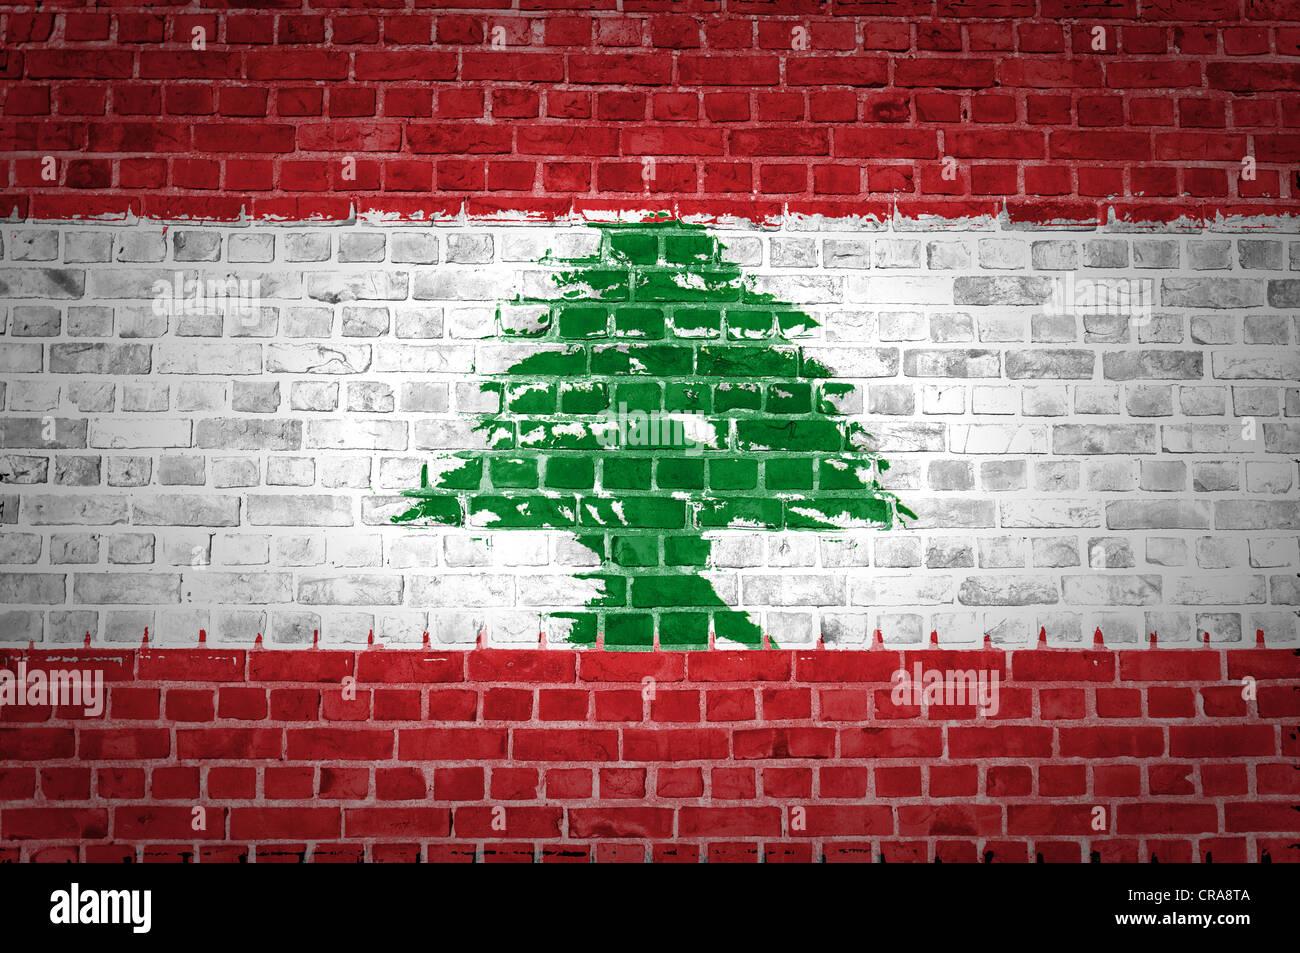 Una imagen del Líbano bandera pintada sobre una pared de ladrillos en una ubicación urbana Imagen De Stock